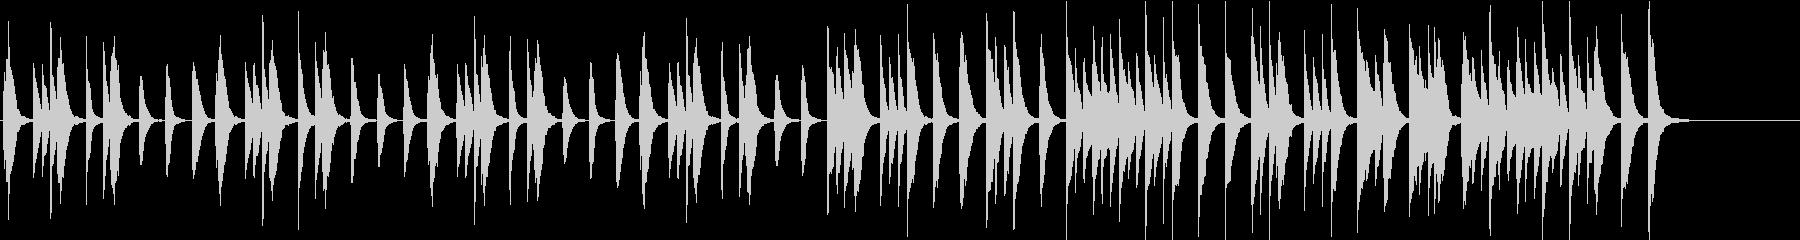 ほんわかカワイイ子供/動物場面ピアノソロの未再生の波形